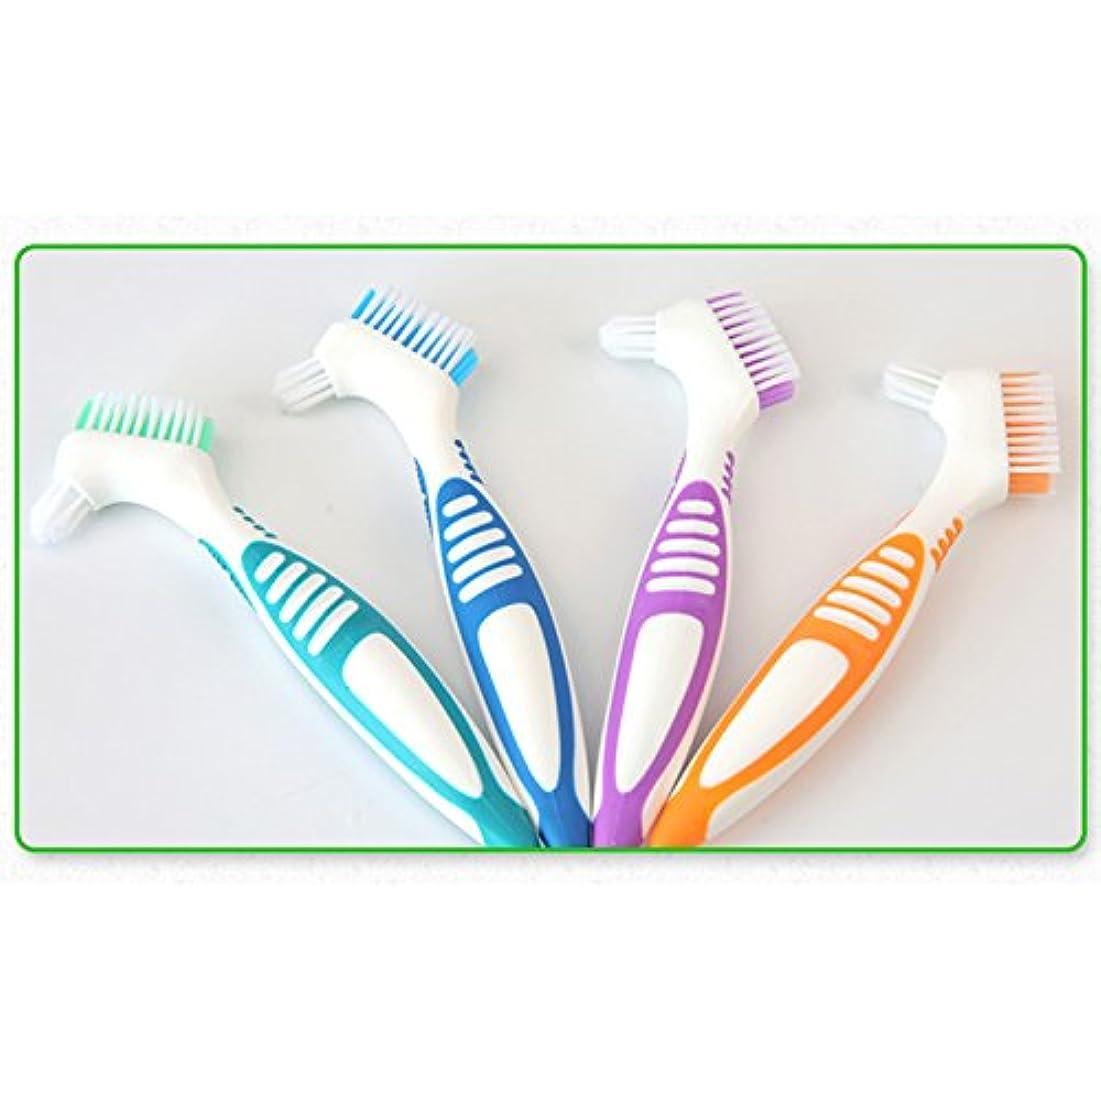 五月上記の頭と肩バタフライLiebeye 偽歯ブラシ 口腔ケアツール 歯洗浄 ブラシポータブル 多層ブリストル ブルー